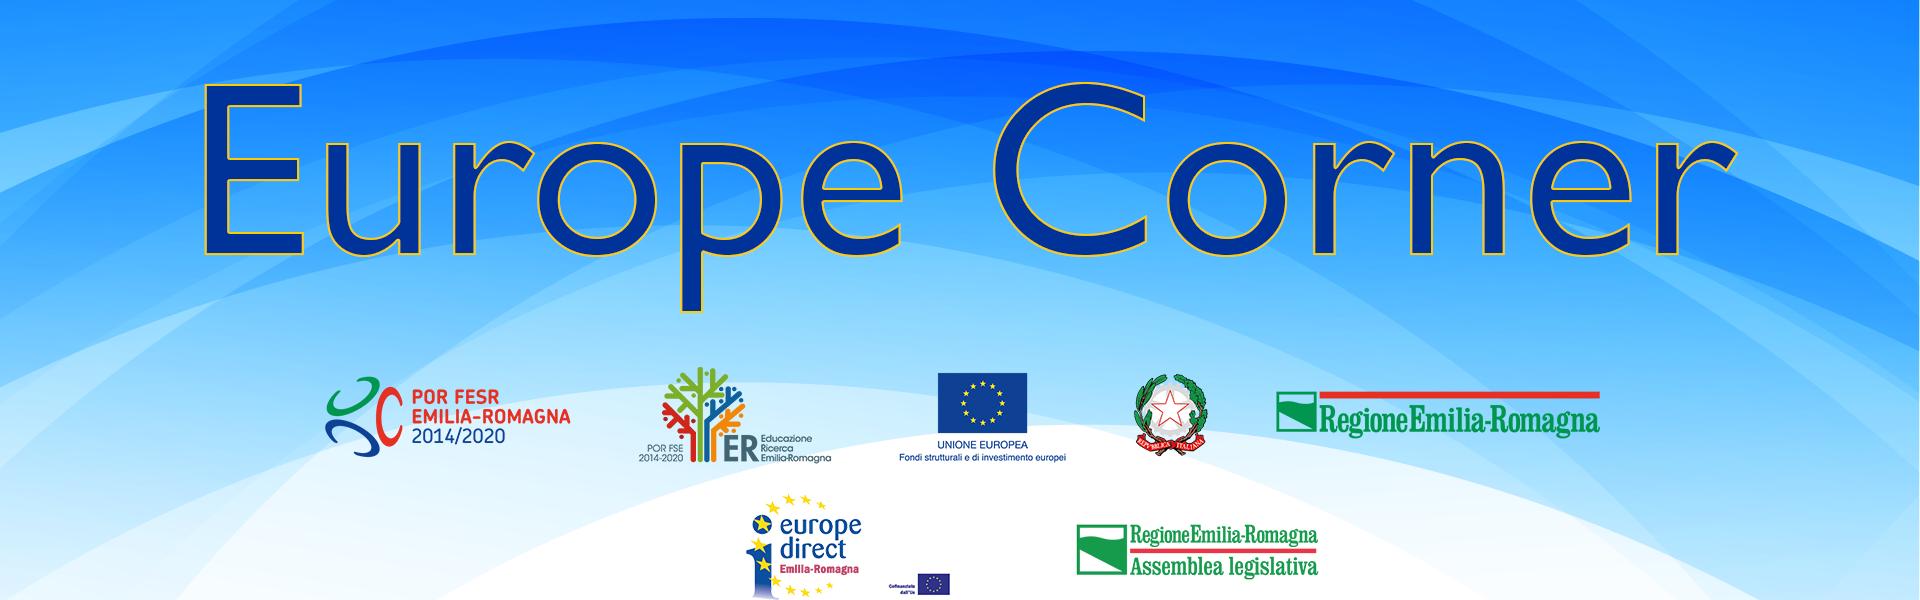 Europe Corner -